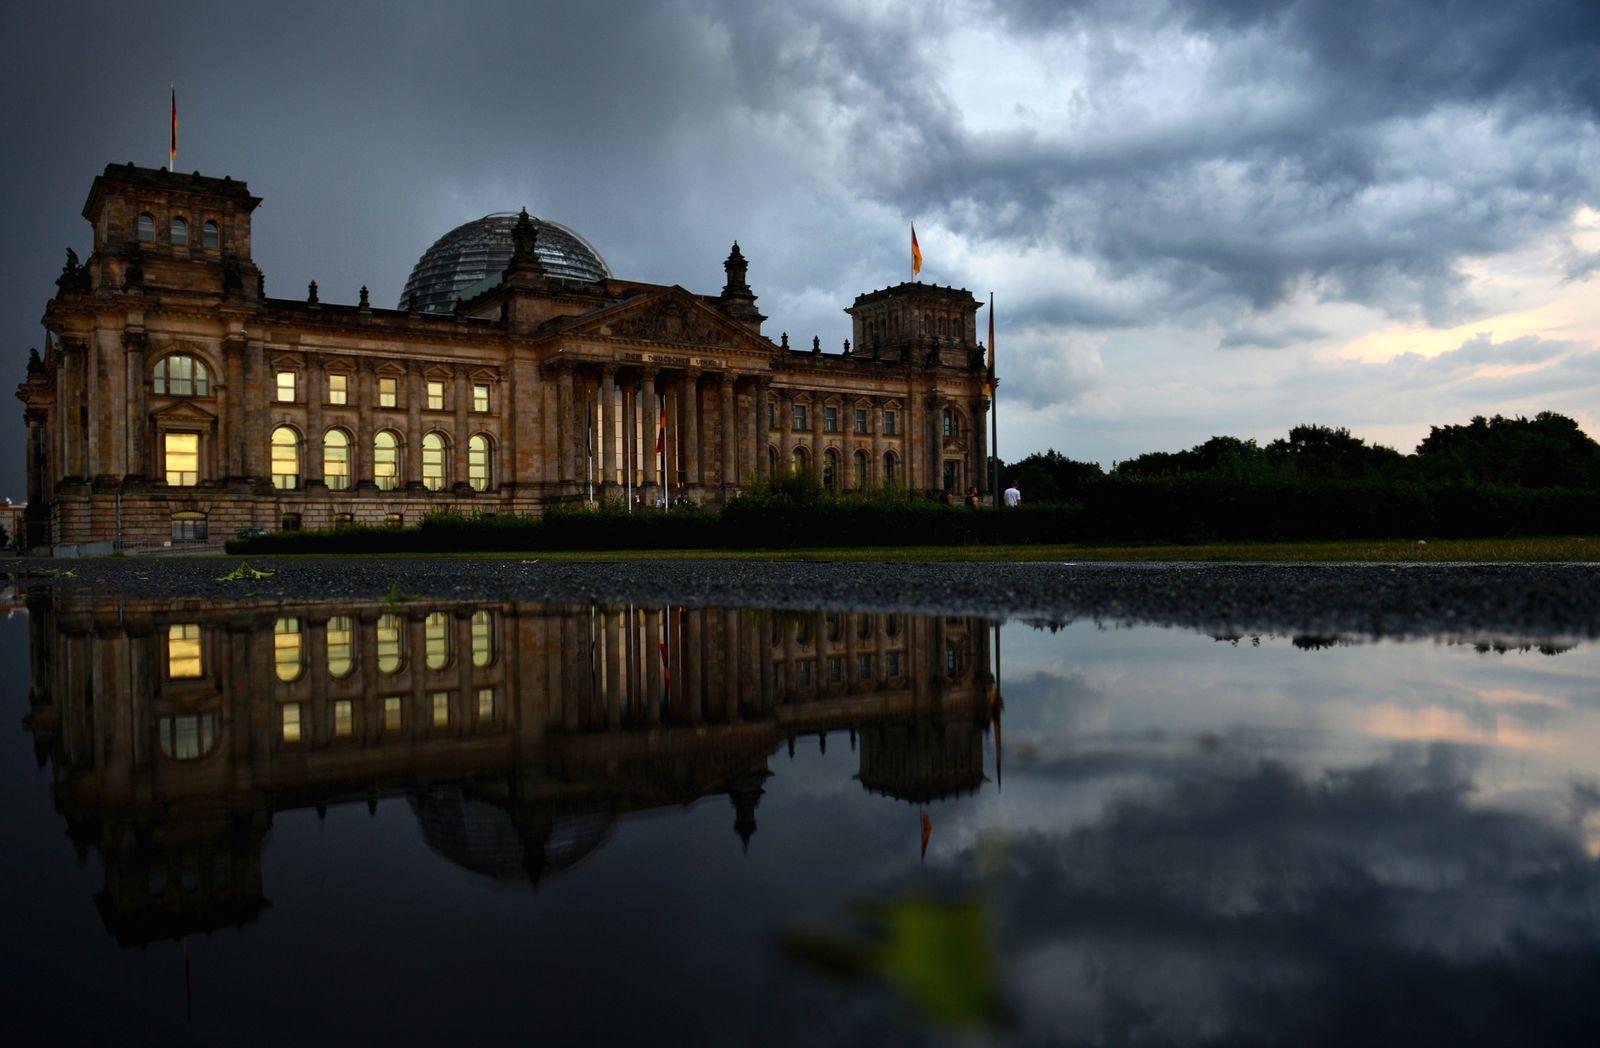 NICHT VERWENDEN Reichstag / Gewitterstimmung / Wolken